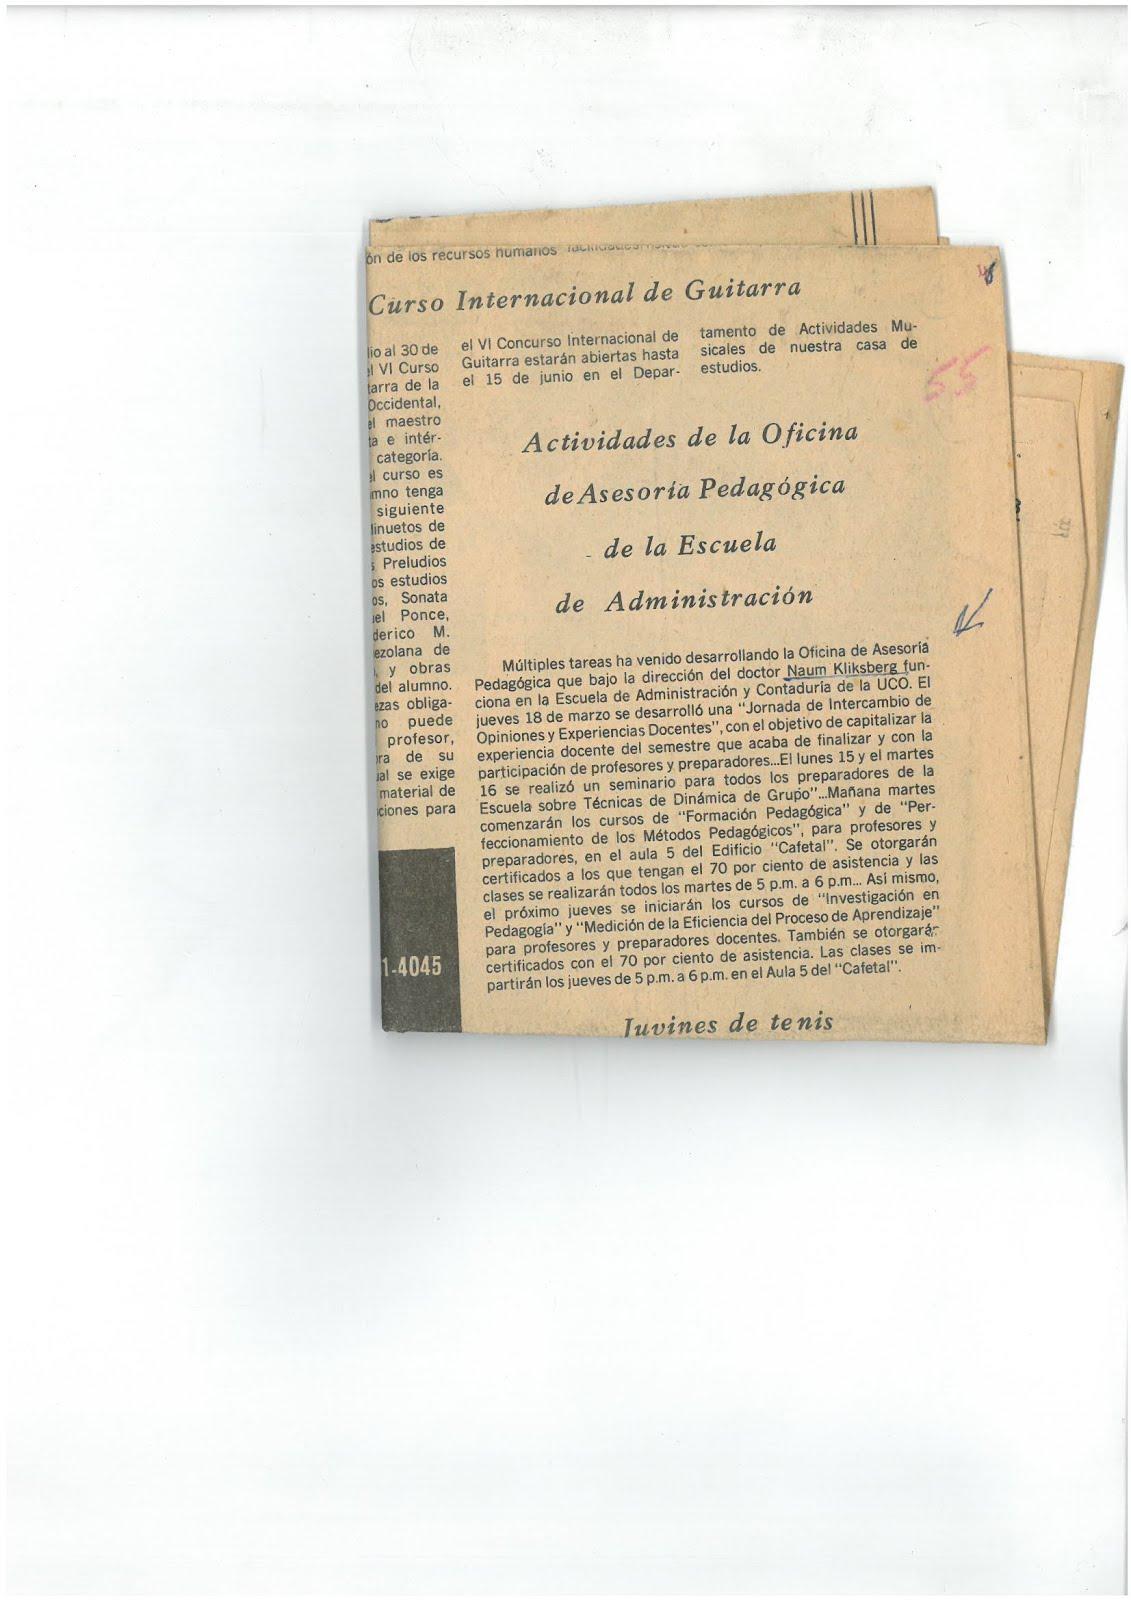 26 - PERIODICO EL IMPULSO, VENEZUELA, 22/03/1976 NAUM KLIKSBERG CONSTITUYÓ EN VARIAS UNIVERSIDADES